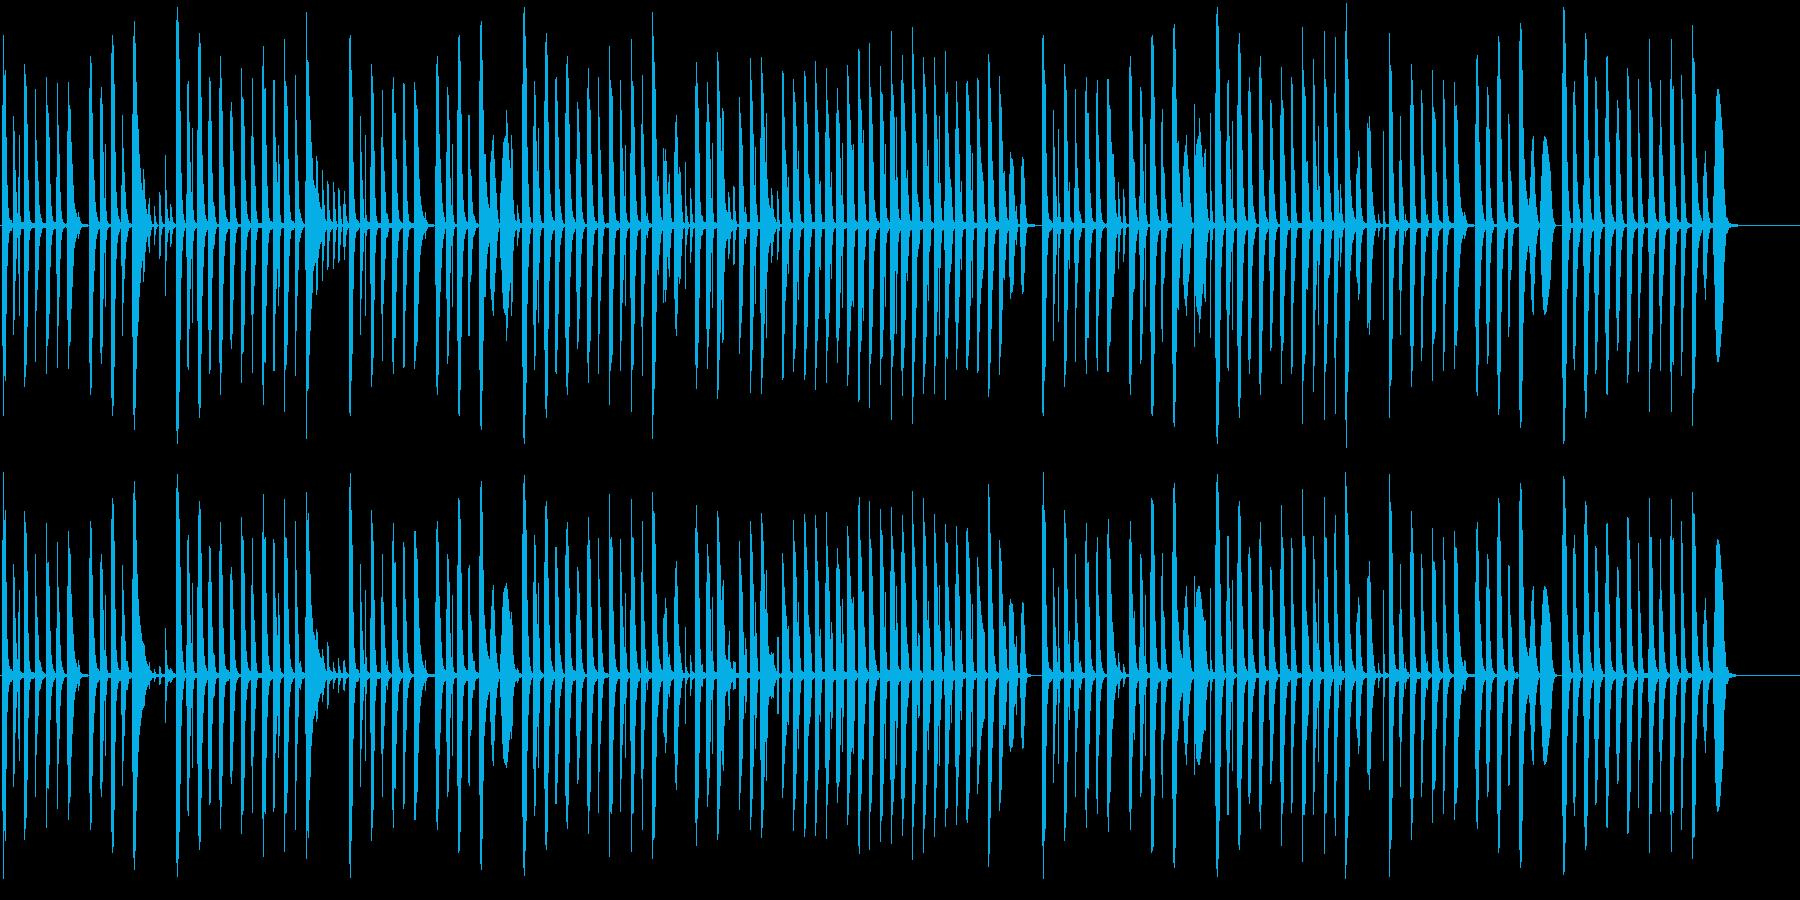 コミカルでほのぼのした雰囲気の曲の再生済みの波形